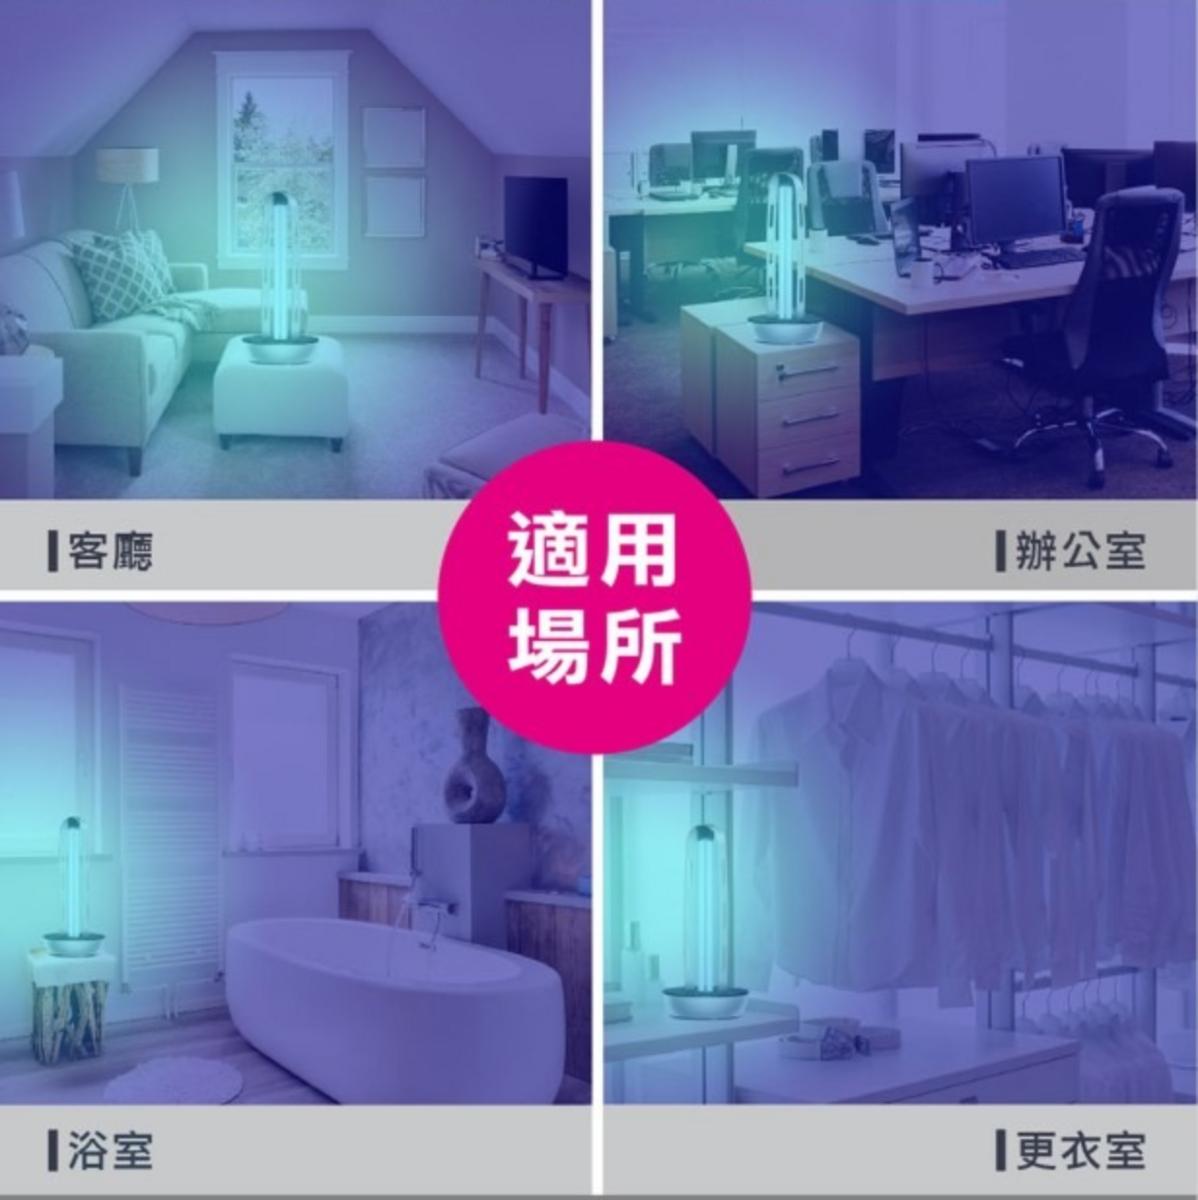 家庭消毒區大改造 家用紫消燈的波長到底要多長才能有效消毒?波長、照射時間是關鍵~